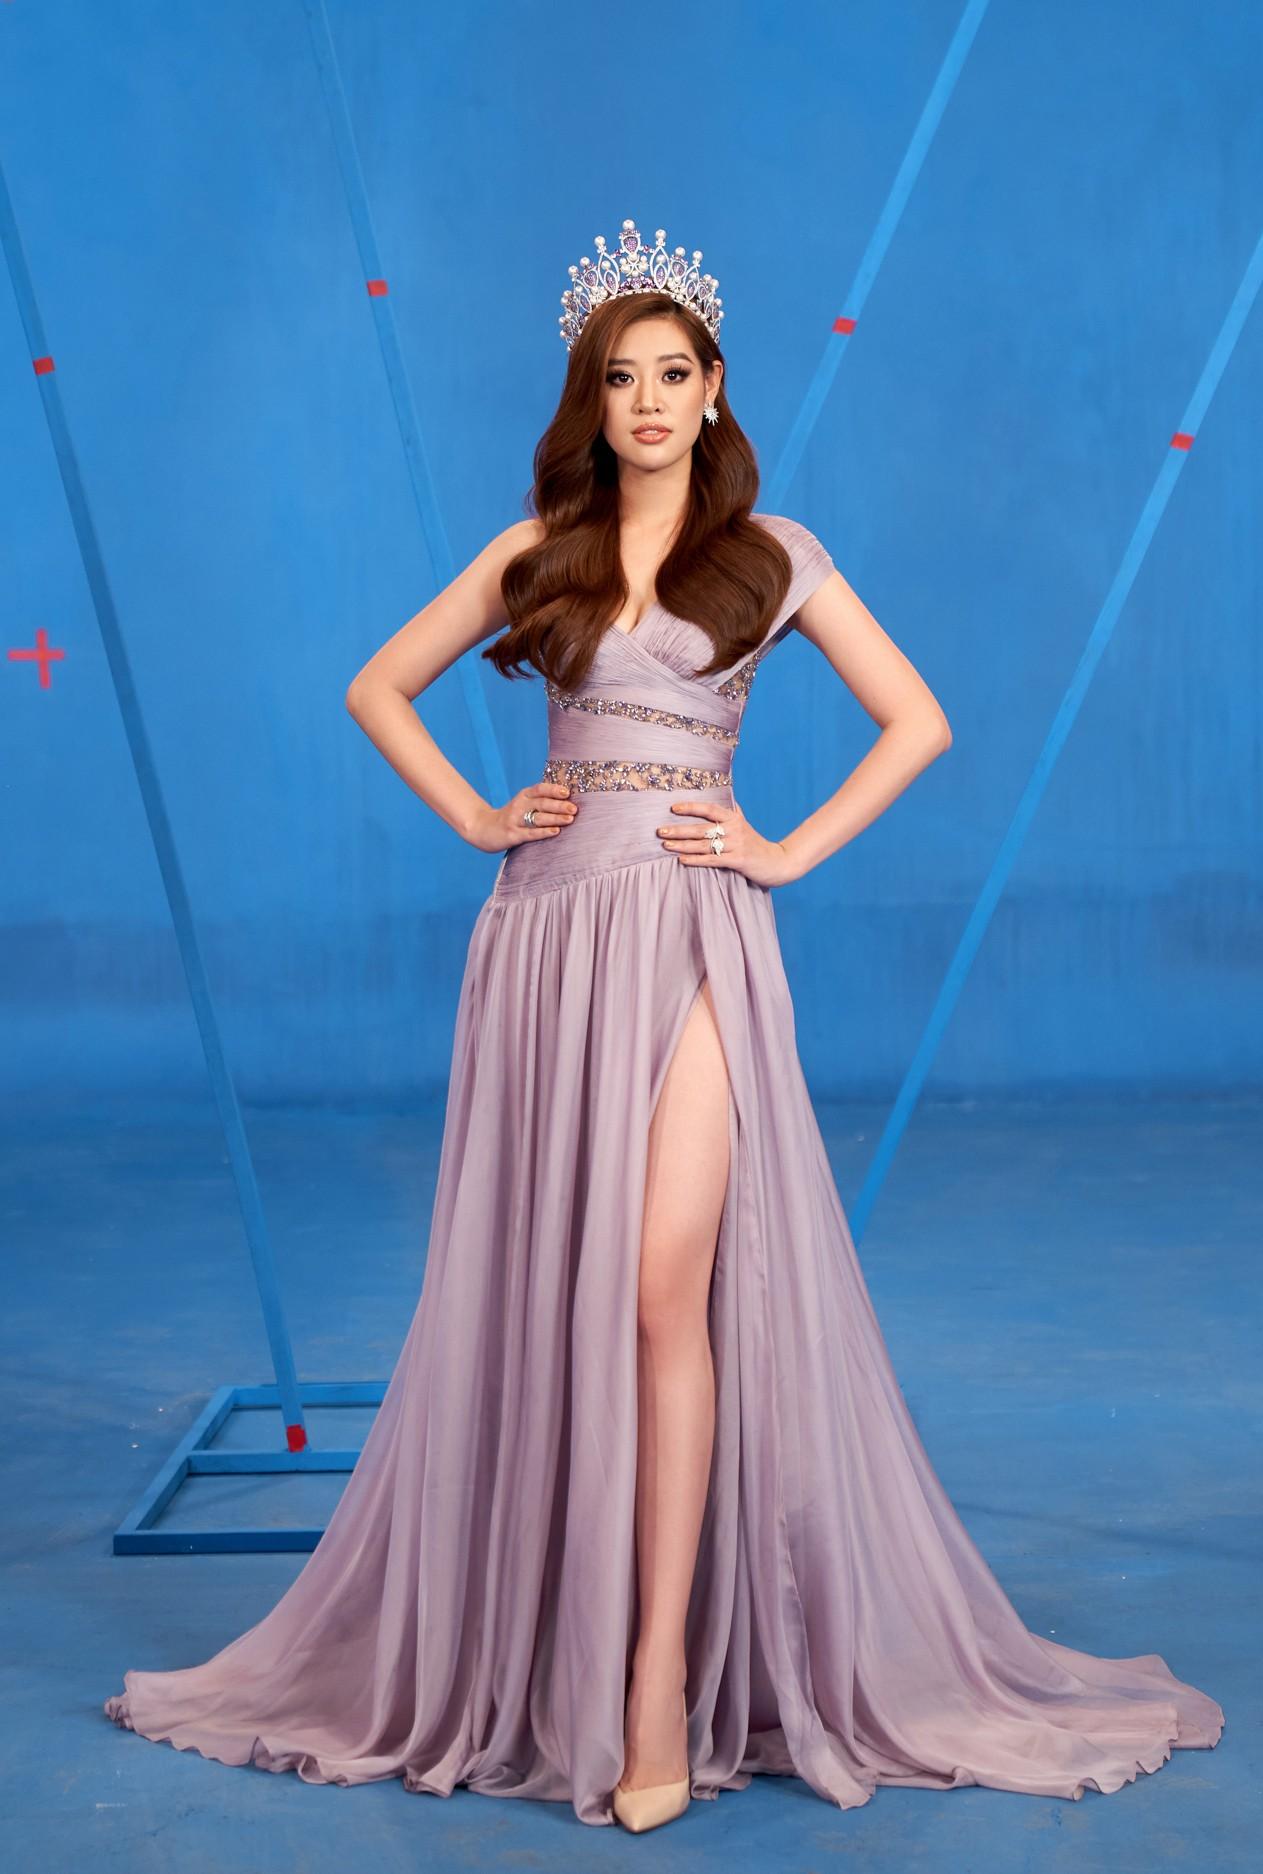 Khánh Vân 'chơi trội' với 5 lay-out nổi bật, quyết tâm 'gây bão' tại Miss Universe 2021 ảnh 9